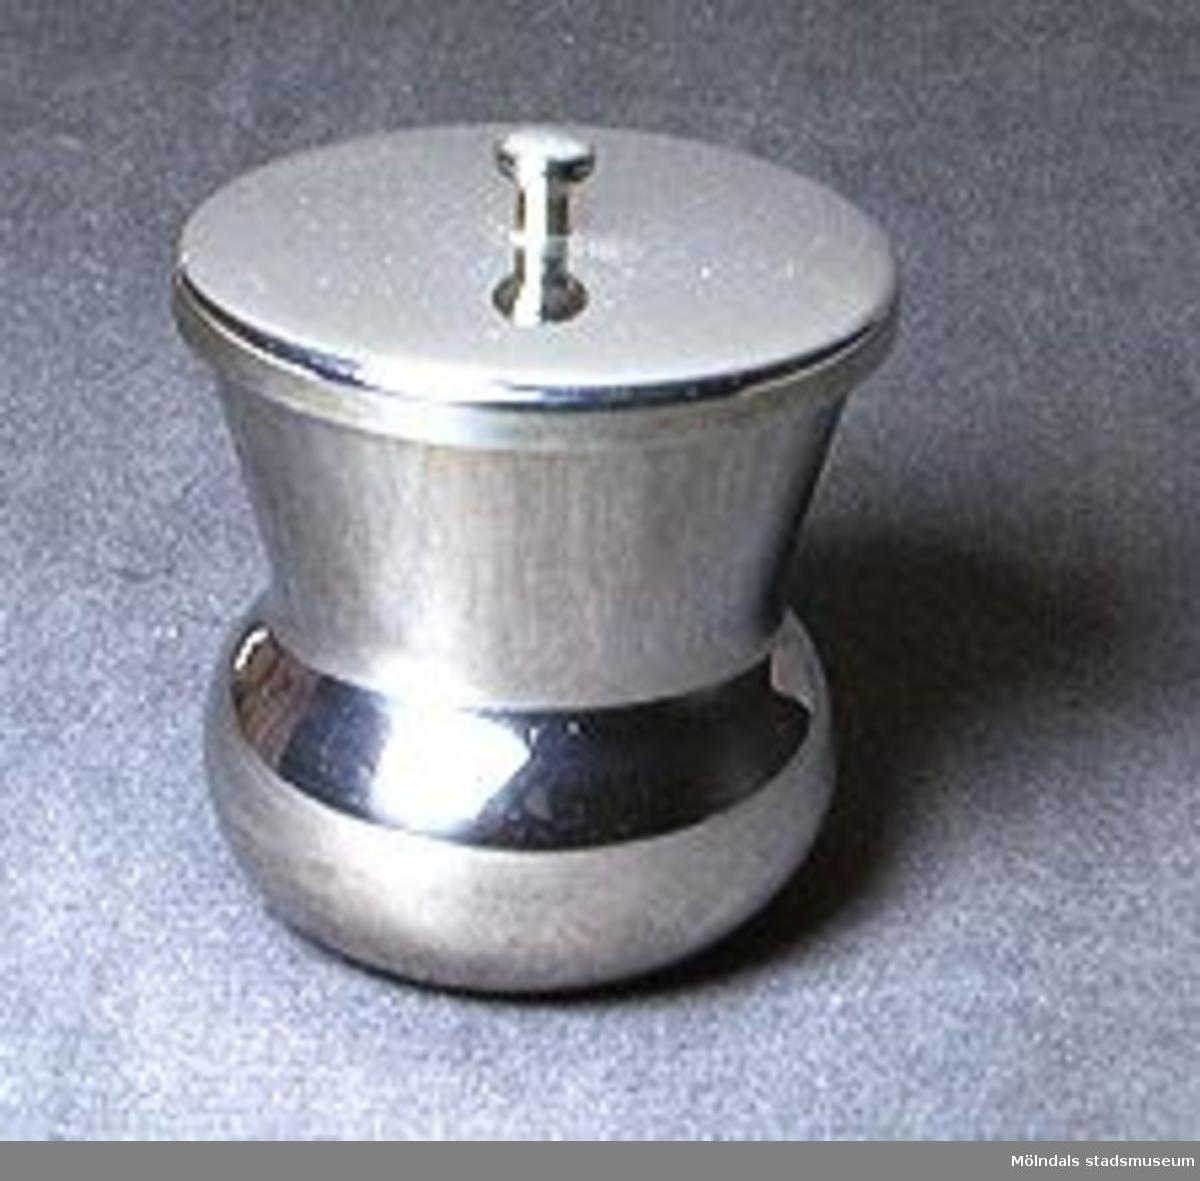 Krukformad kopp i rostfritt stål med ett runt lock, som har försätts med en liten knopp.Stämpelmärkt i botten med: KOCKUMS Rostfria.Tidigare sakord: kopp med lock.Tidigare specialbenämning: spottkopp.